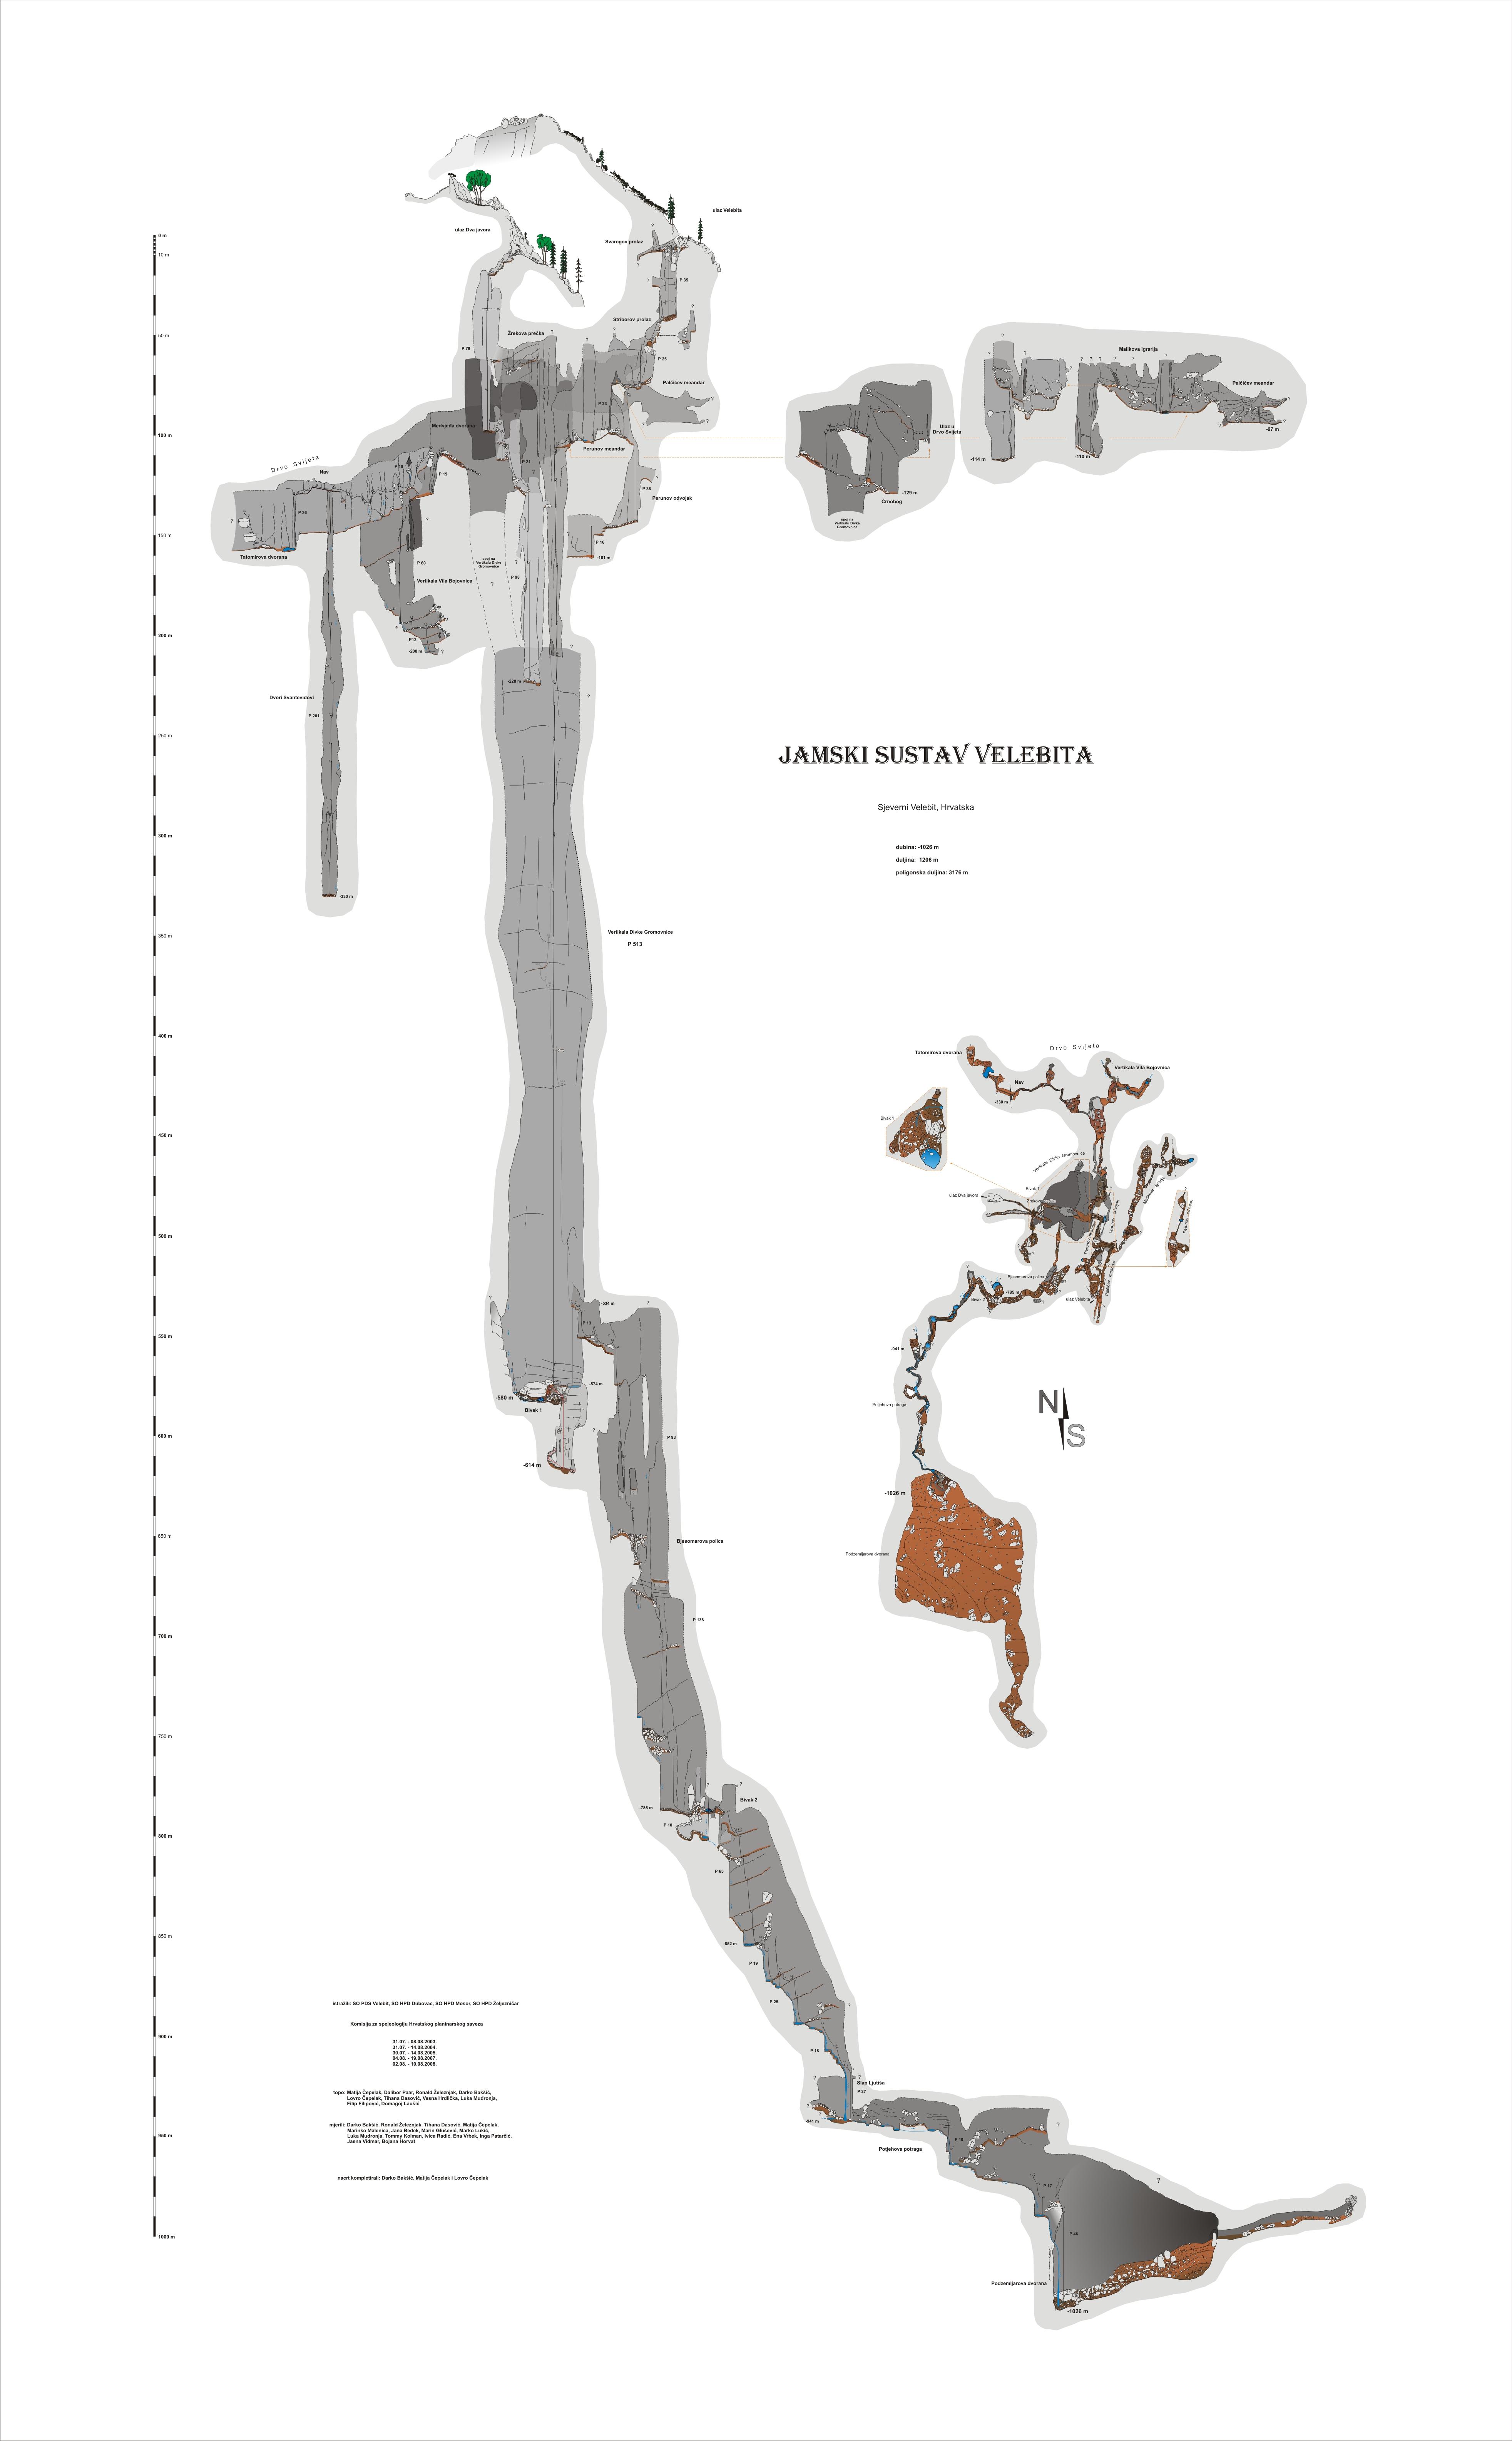 Jama Velebita-najveća podzemna vertikala na svijetu